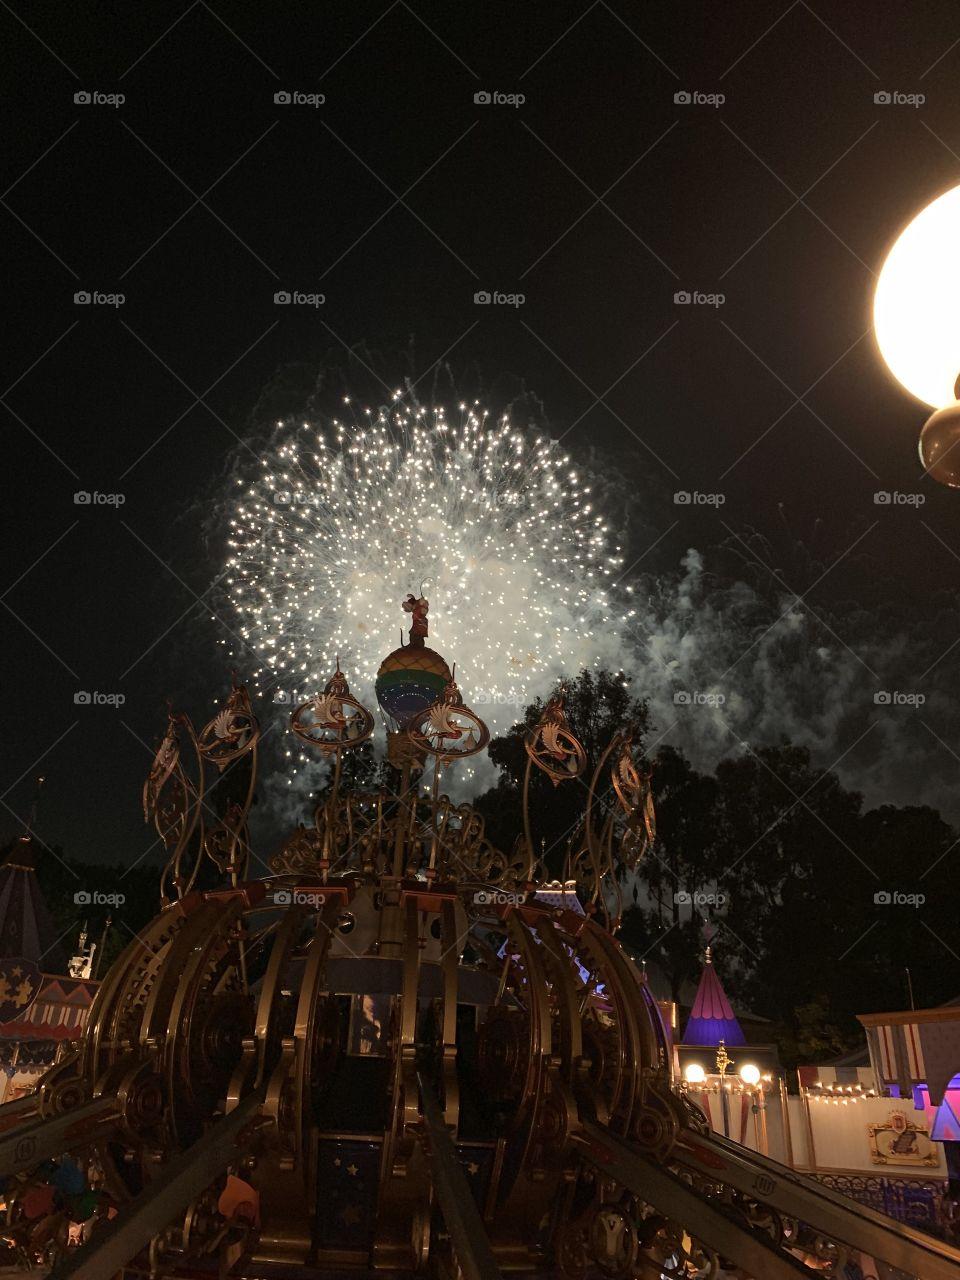 Fireworks over Dumbo at Disneyland